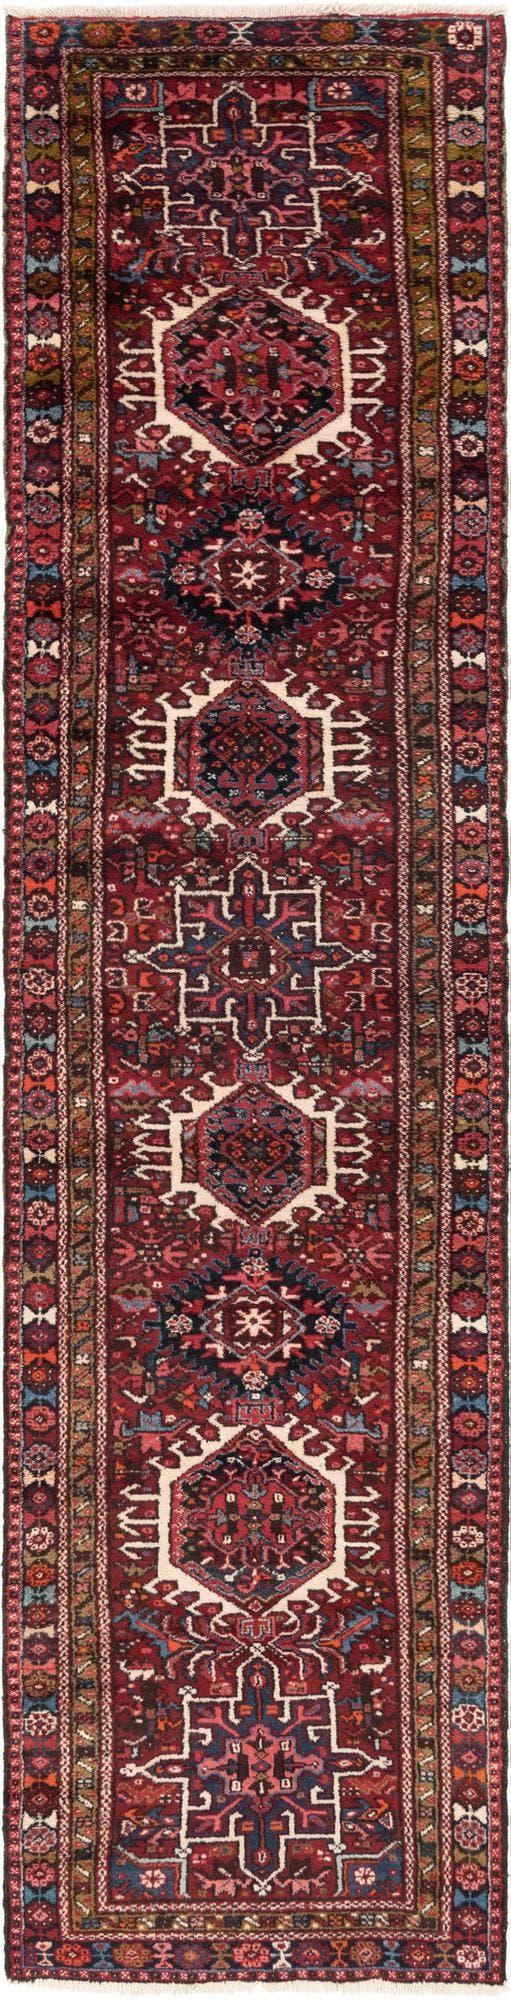 3' x 12' 5 Gharajeh Persian Runner Rug main image